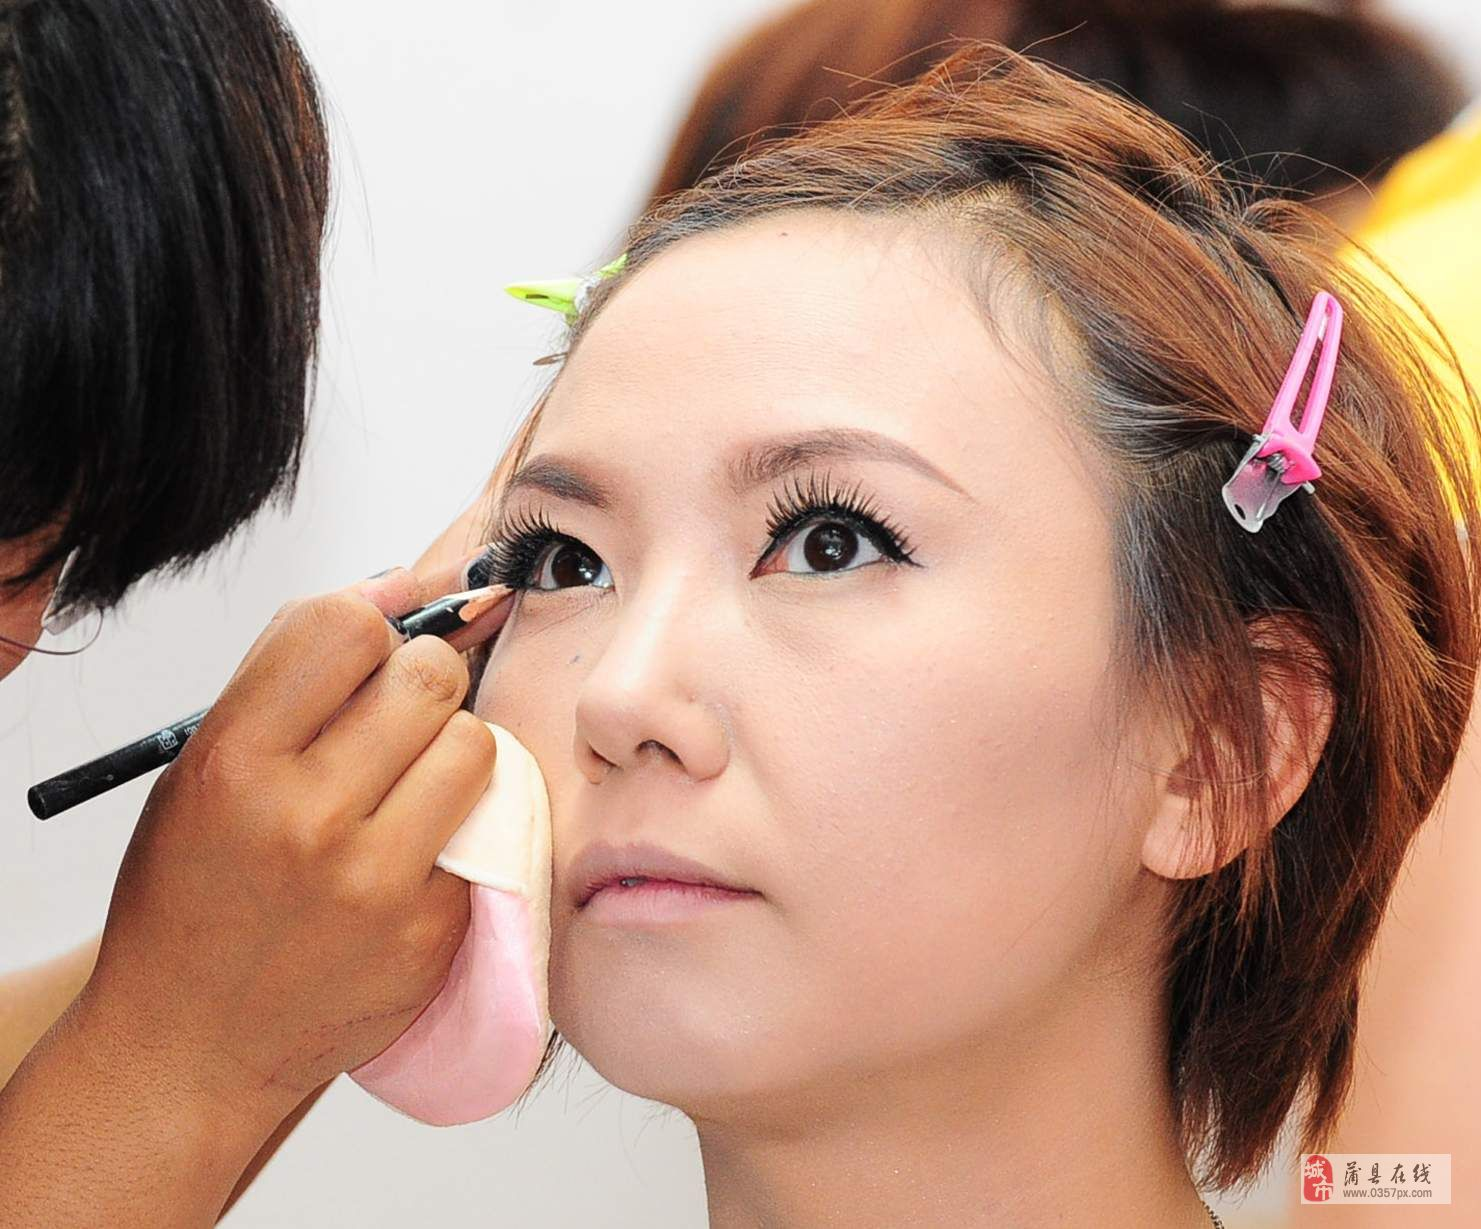 想学化妆去哪里-太原唇色化妆摄影培训机构